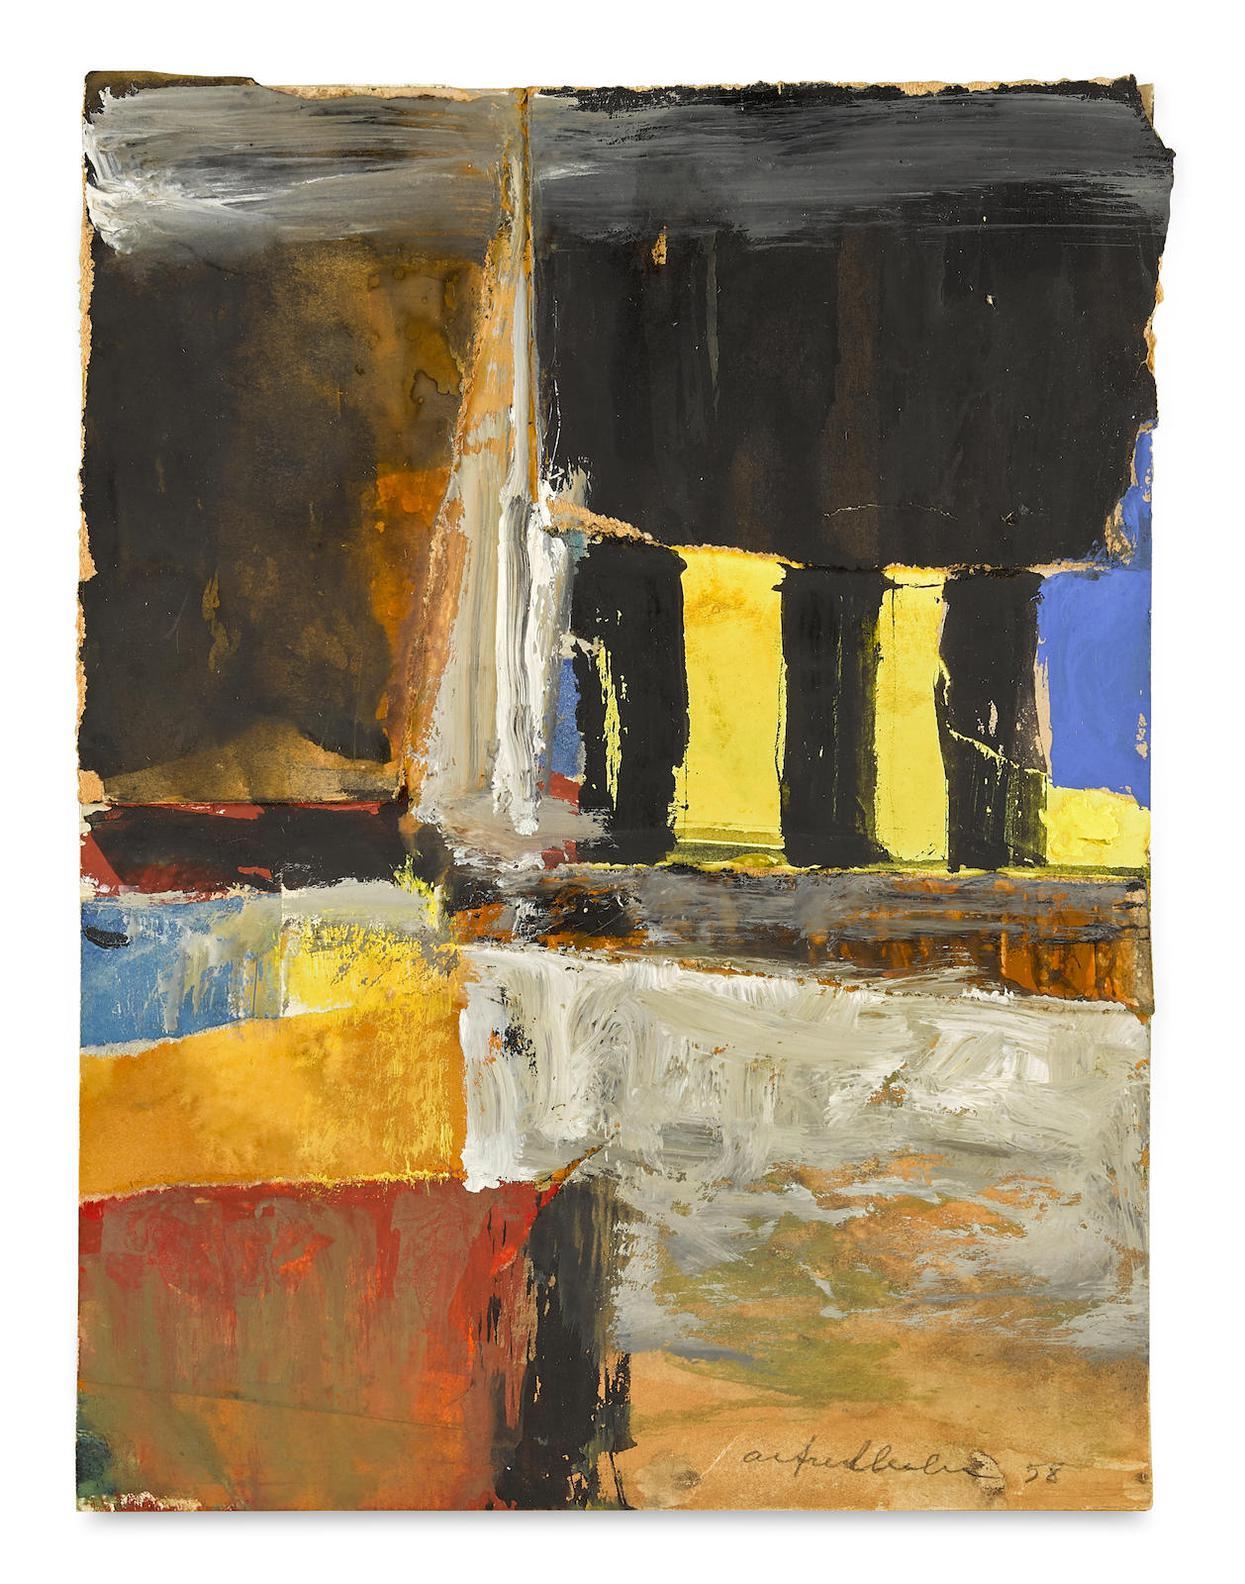 Alfred Leslie-Untitled-1958